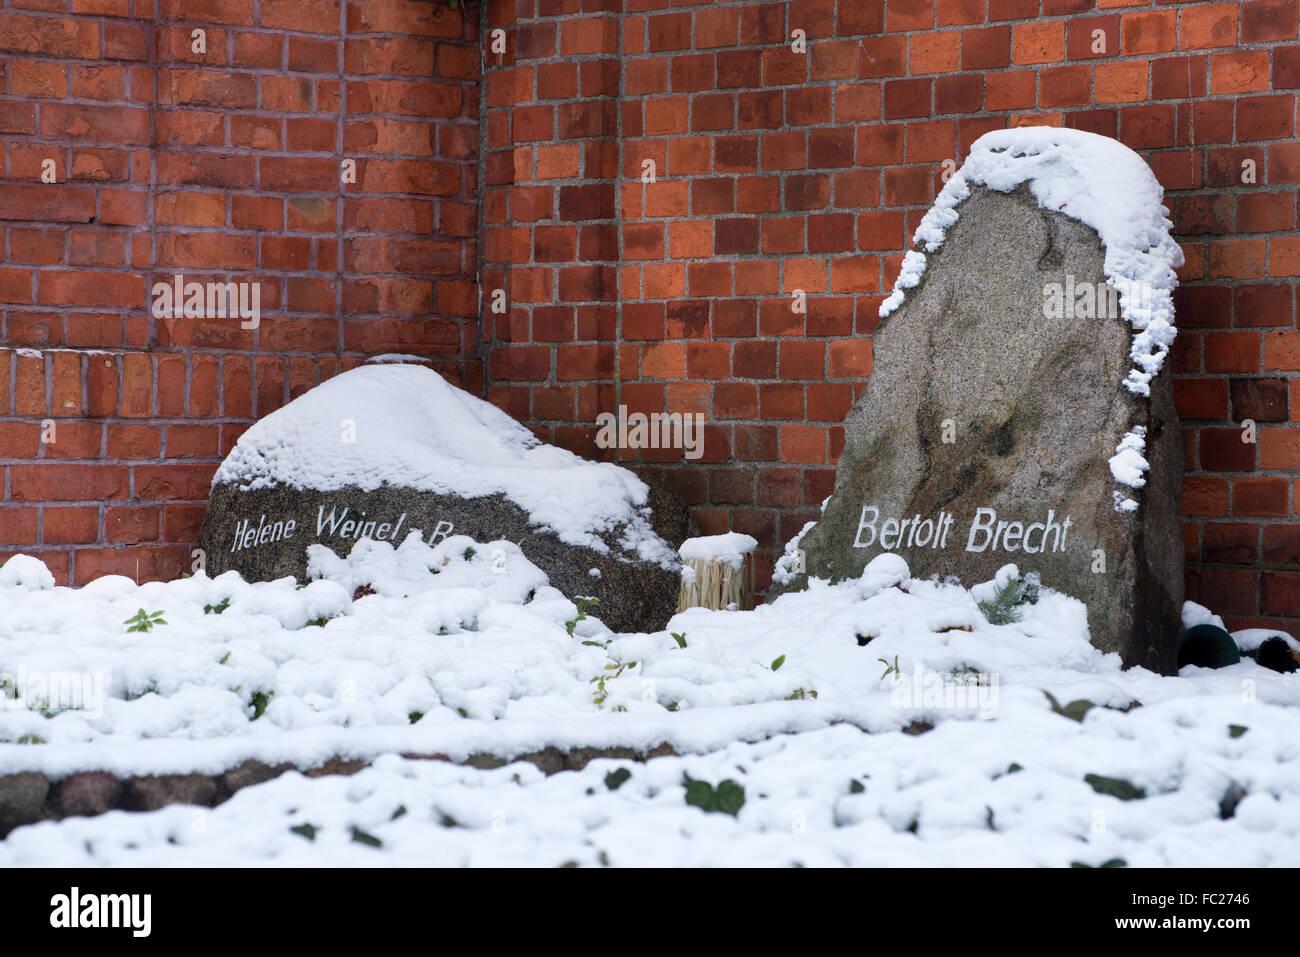 Dorotheenstadt cemetery graves of Bertolt Brecht and Helene Weigel Berlin, Germany - Stock Image